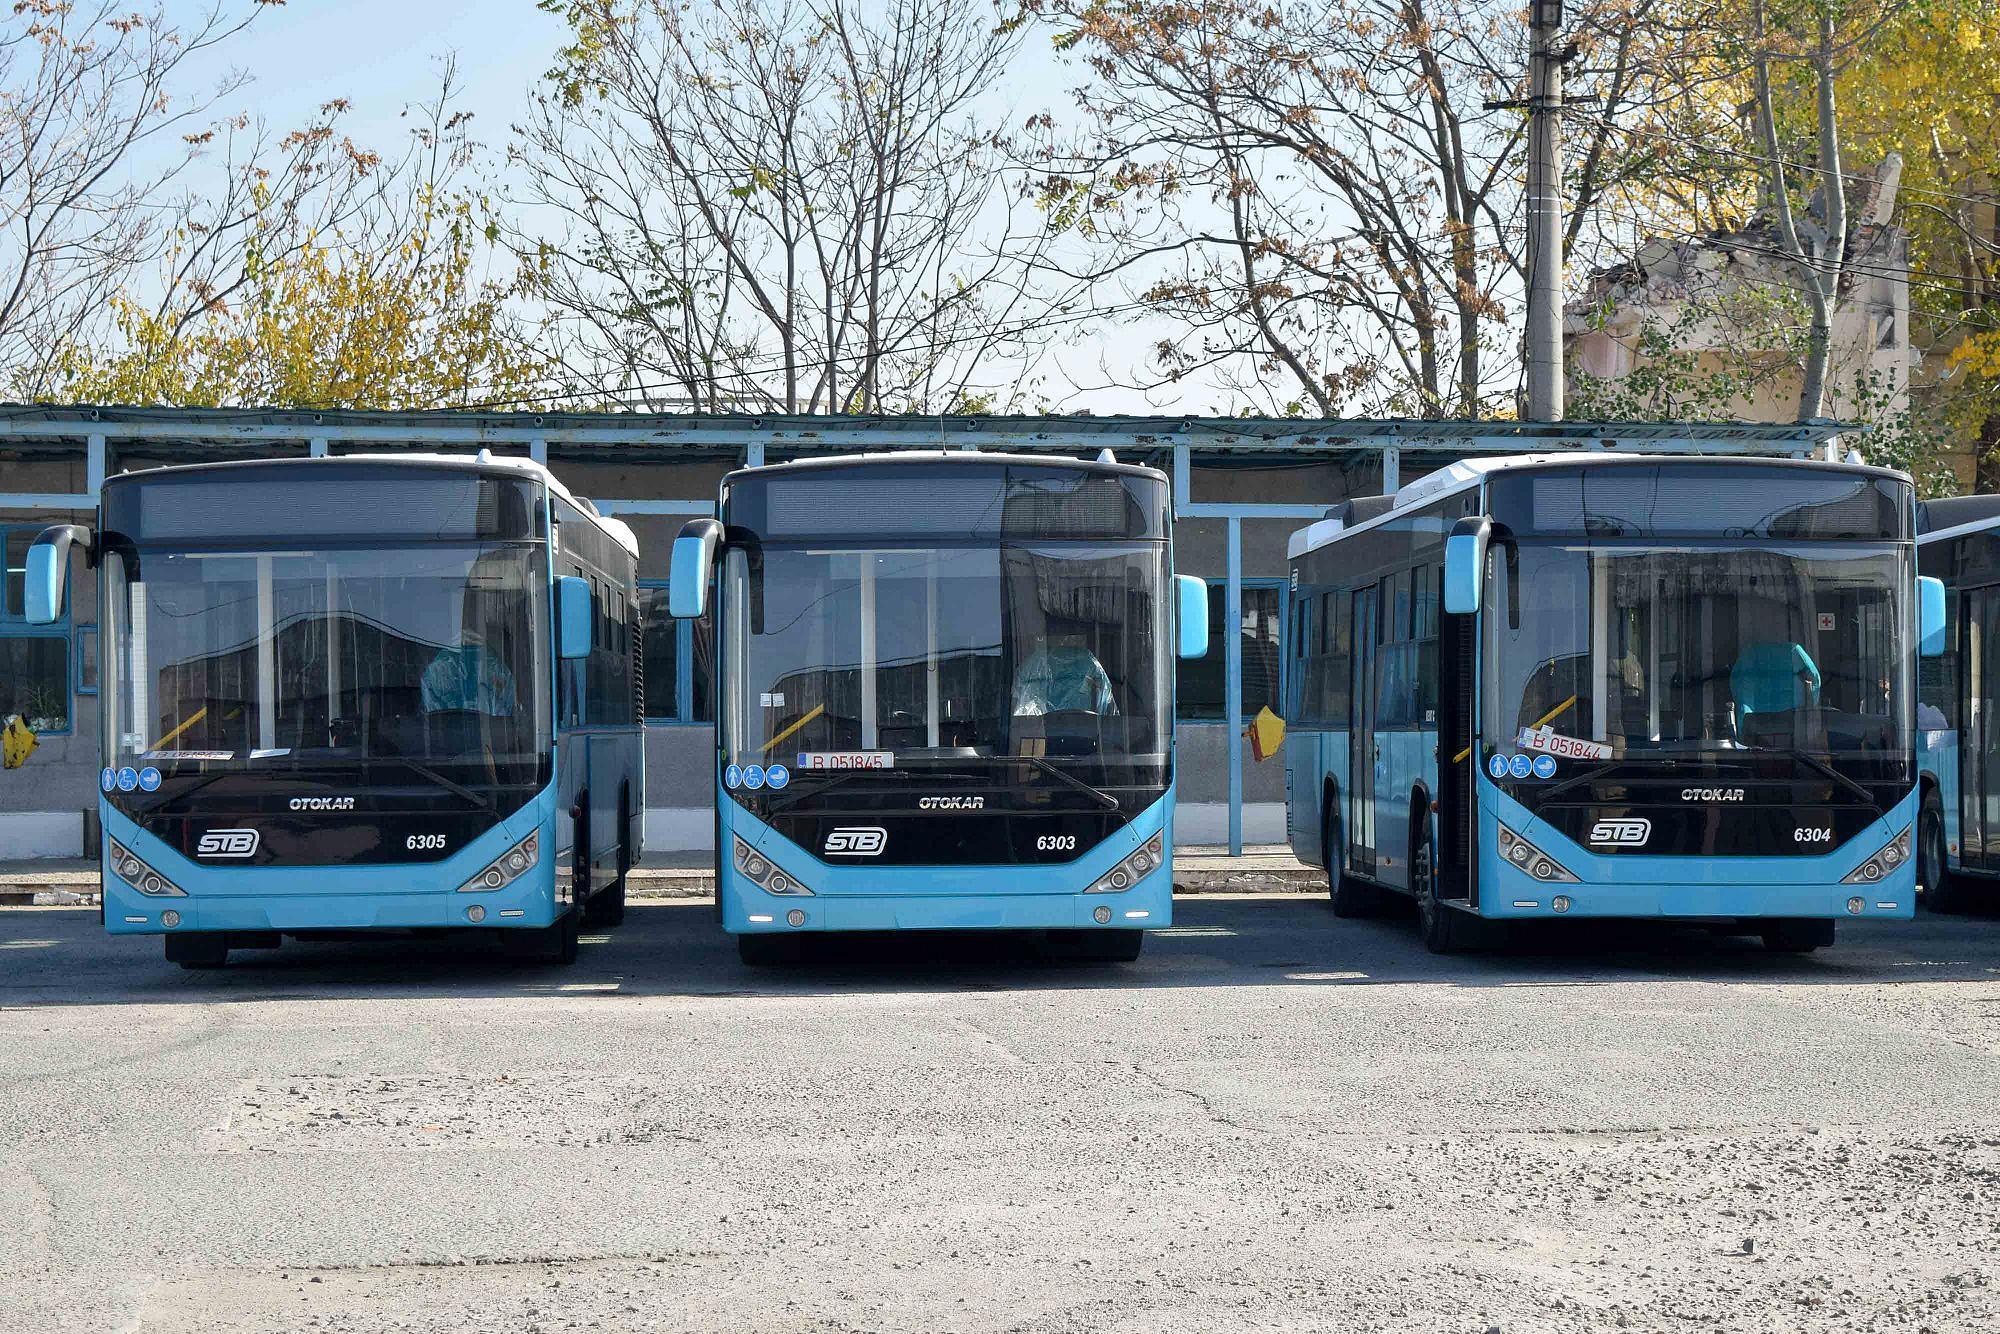 """21 πόλεις στην Ρουμανία θα αποκτήσουν 596 ηλεκτρικά λεωφορεία – """"Νικητής"""" η Τουρκία"""